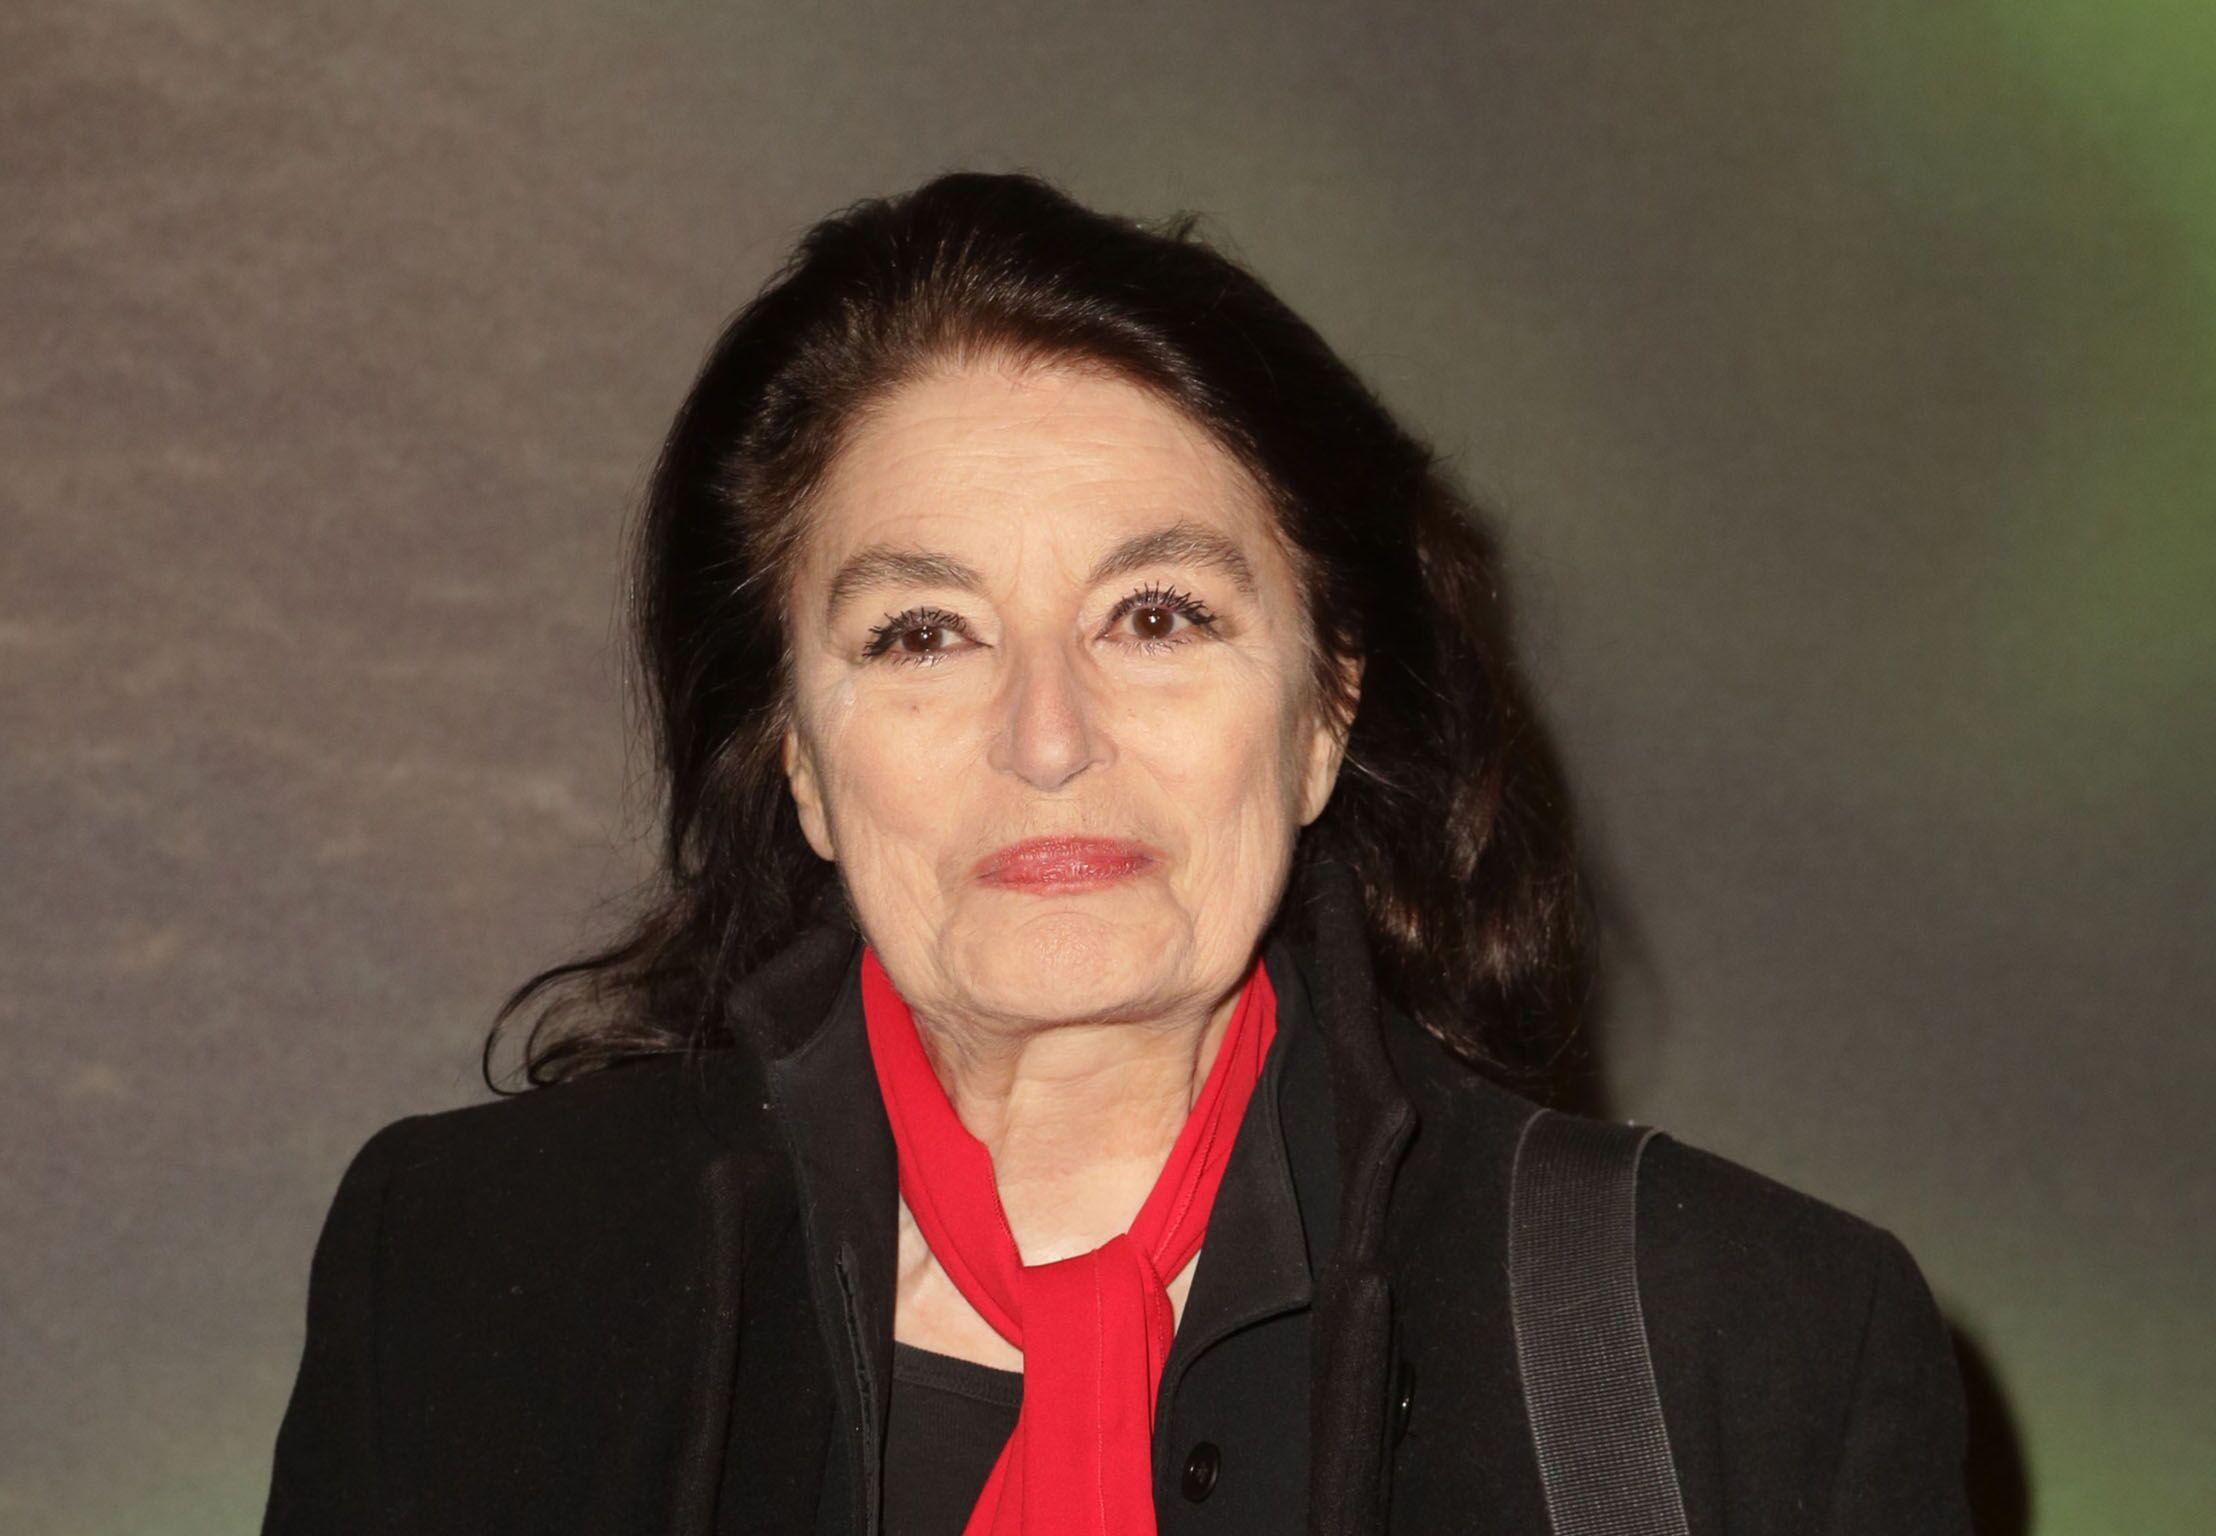 Anouk Aimée Photos anouk aim�e - la biographie de anouk aim�e avec gala.fr